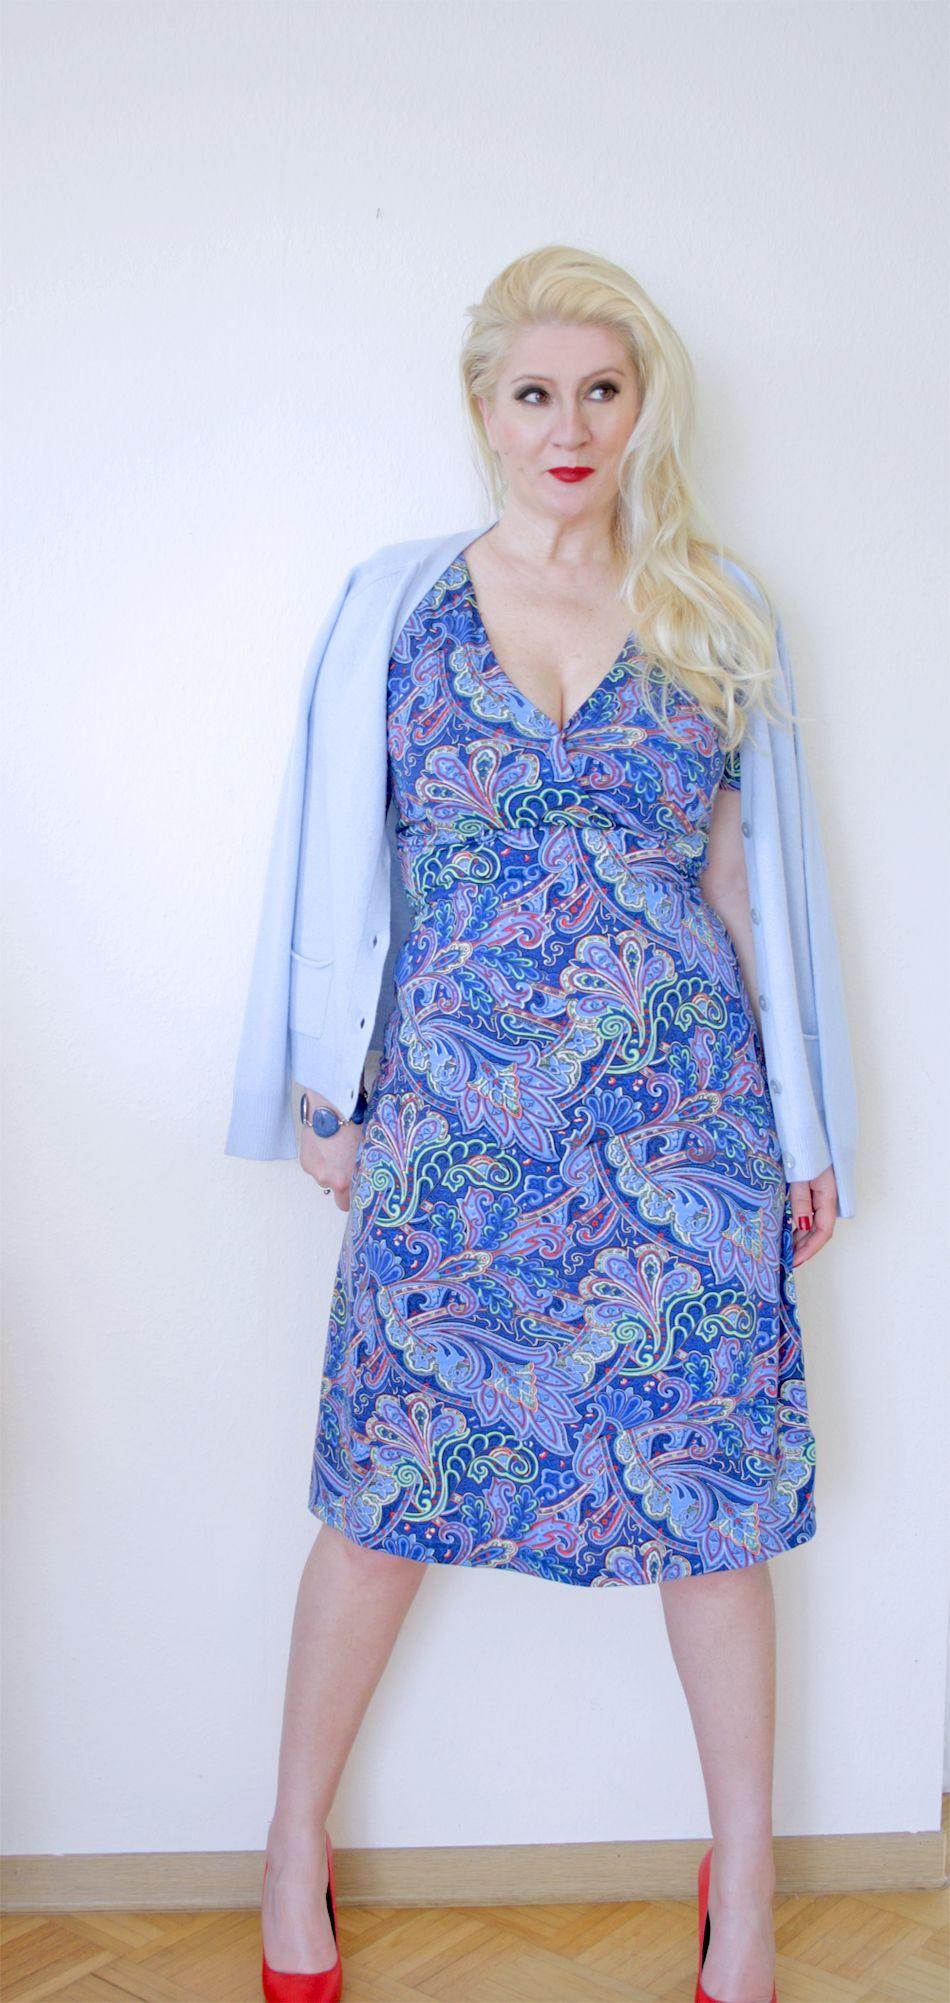 Blaues Kleid mit Paisley-Muster aus weicher Baumwolle mit hellblauem Sommer-Cashmere-Jäckchen